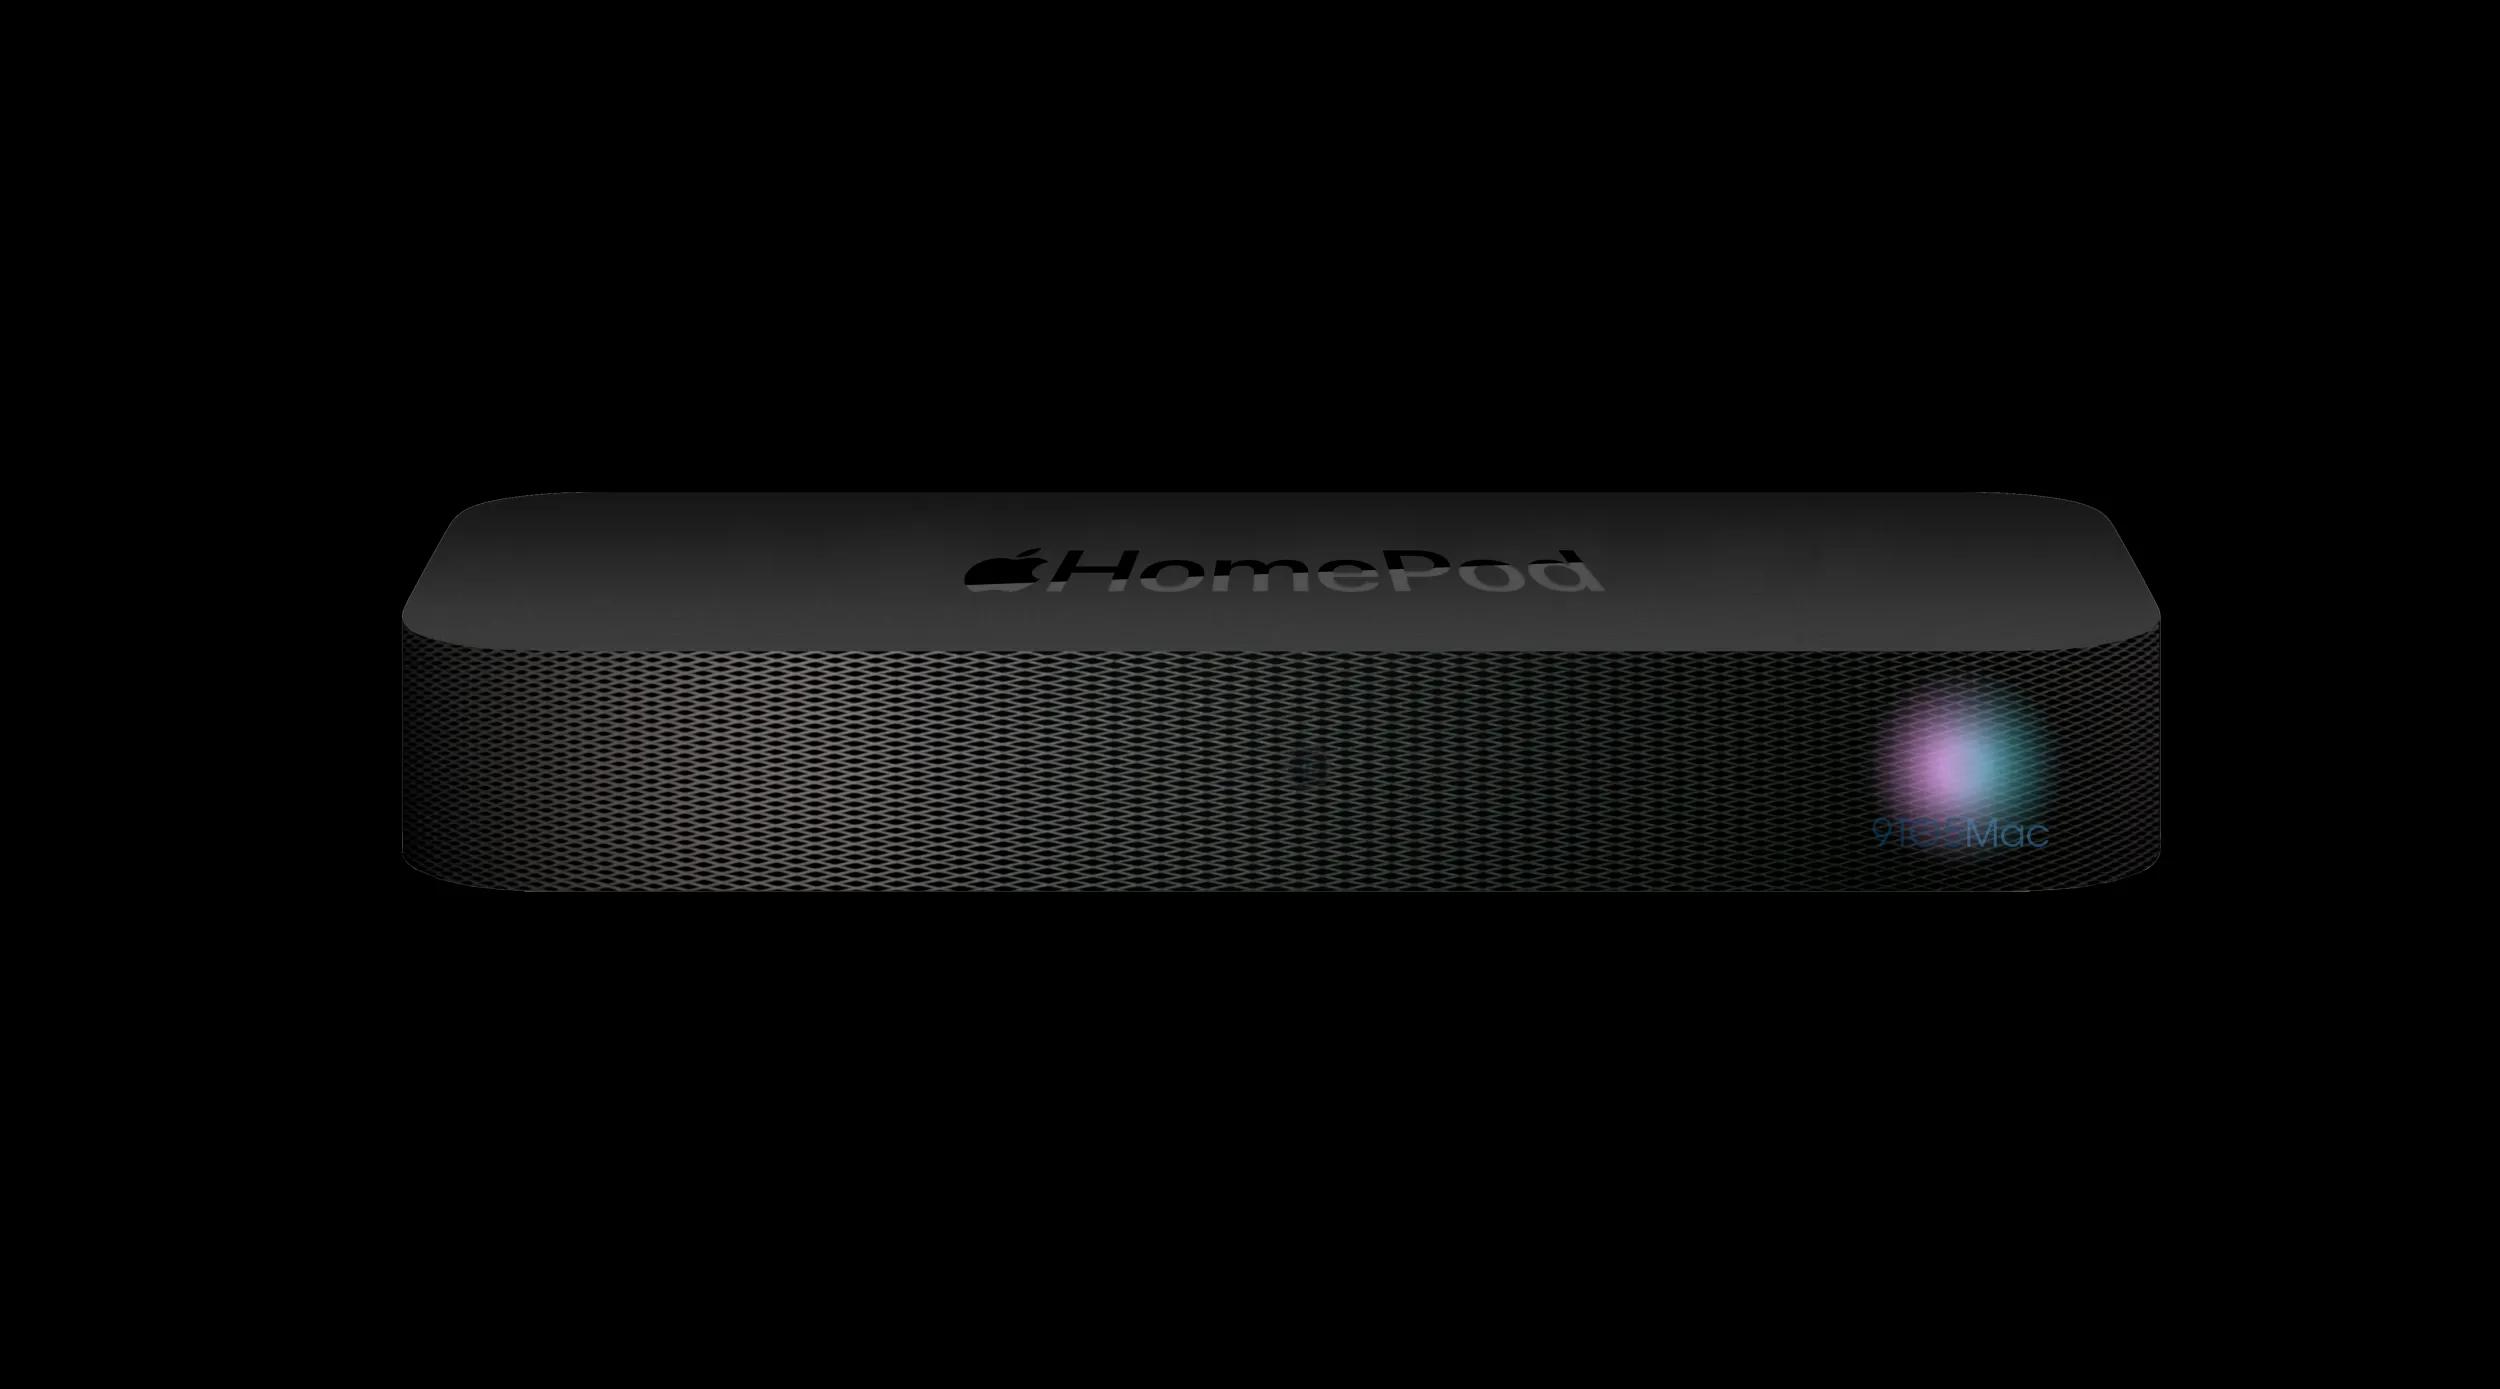 彭博社:全新 Apple TV 内置 HomePod 扬声器,有摄像头